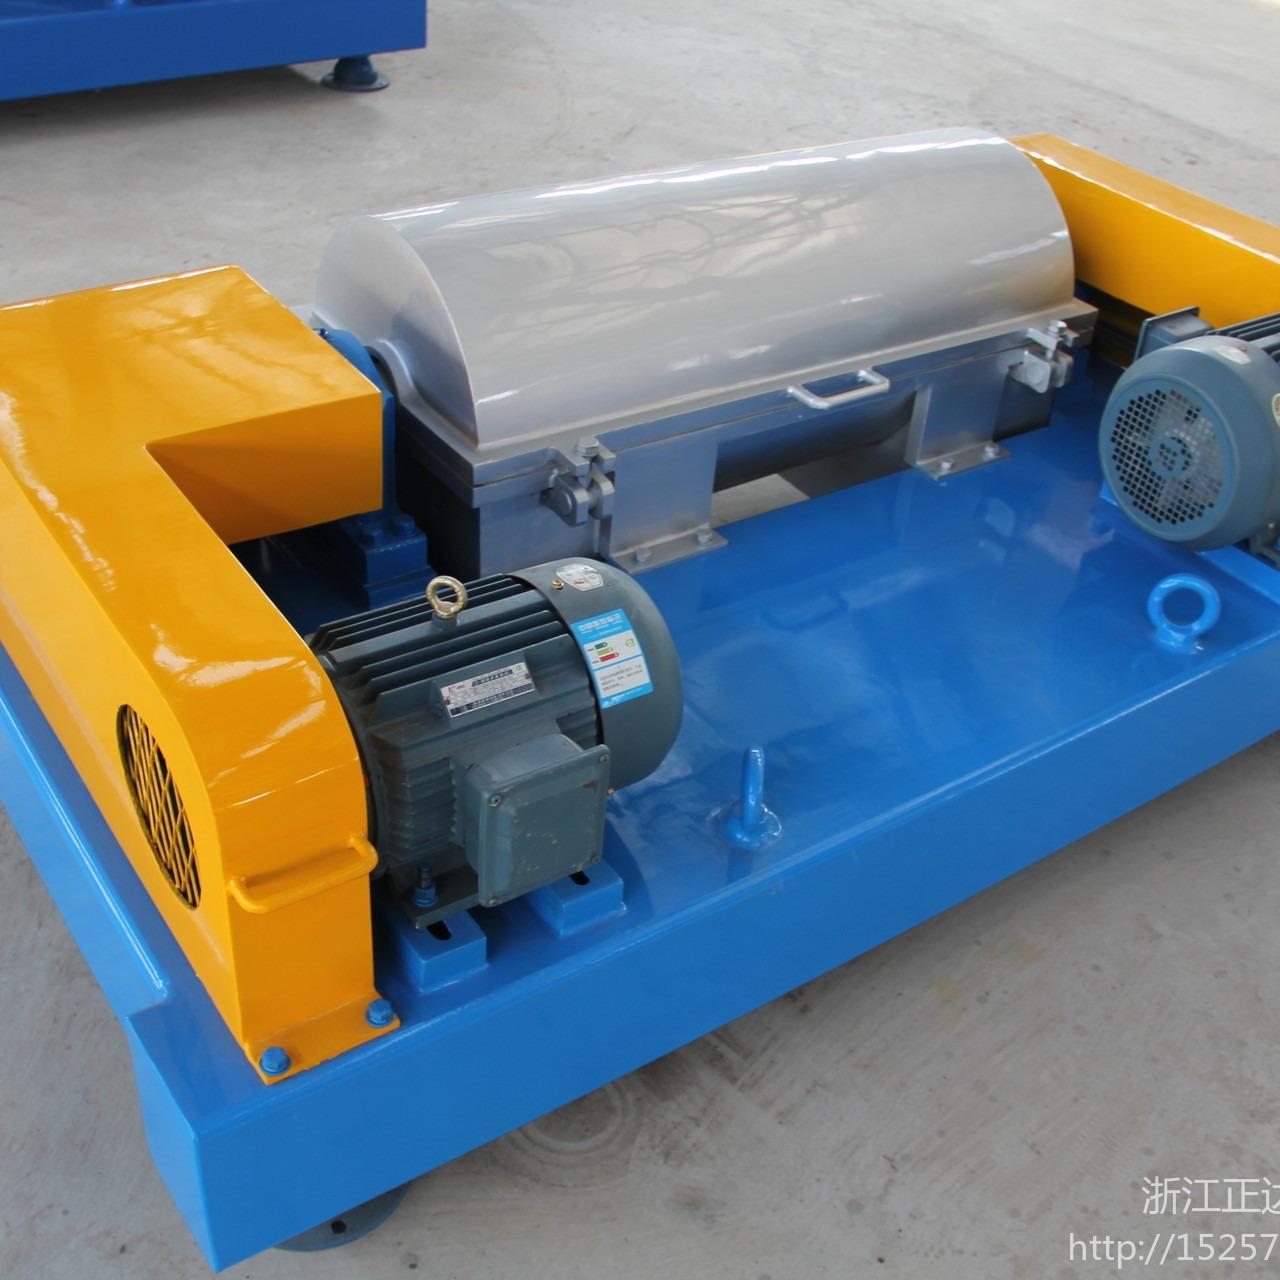 正達臥螺離心機 WL-250固液分離設備污水處理設備